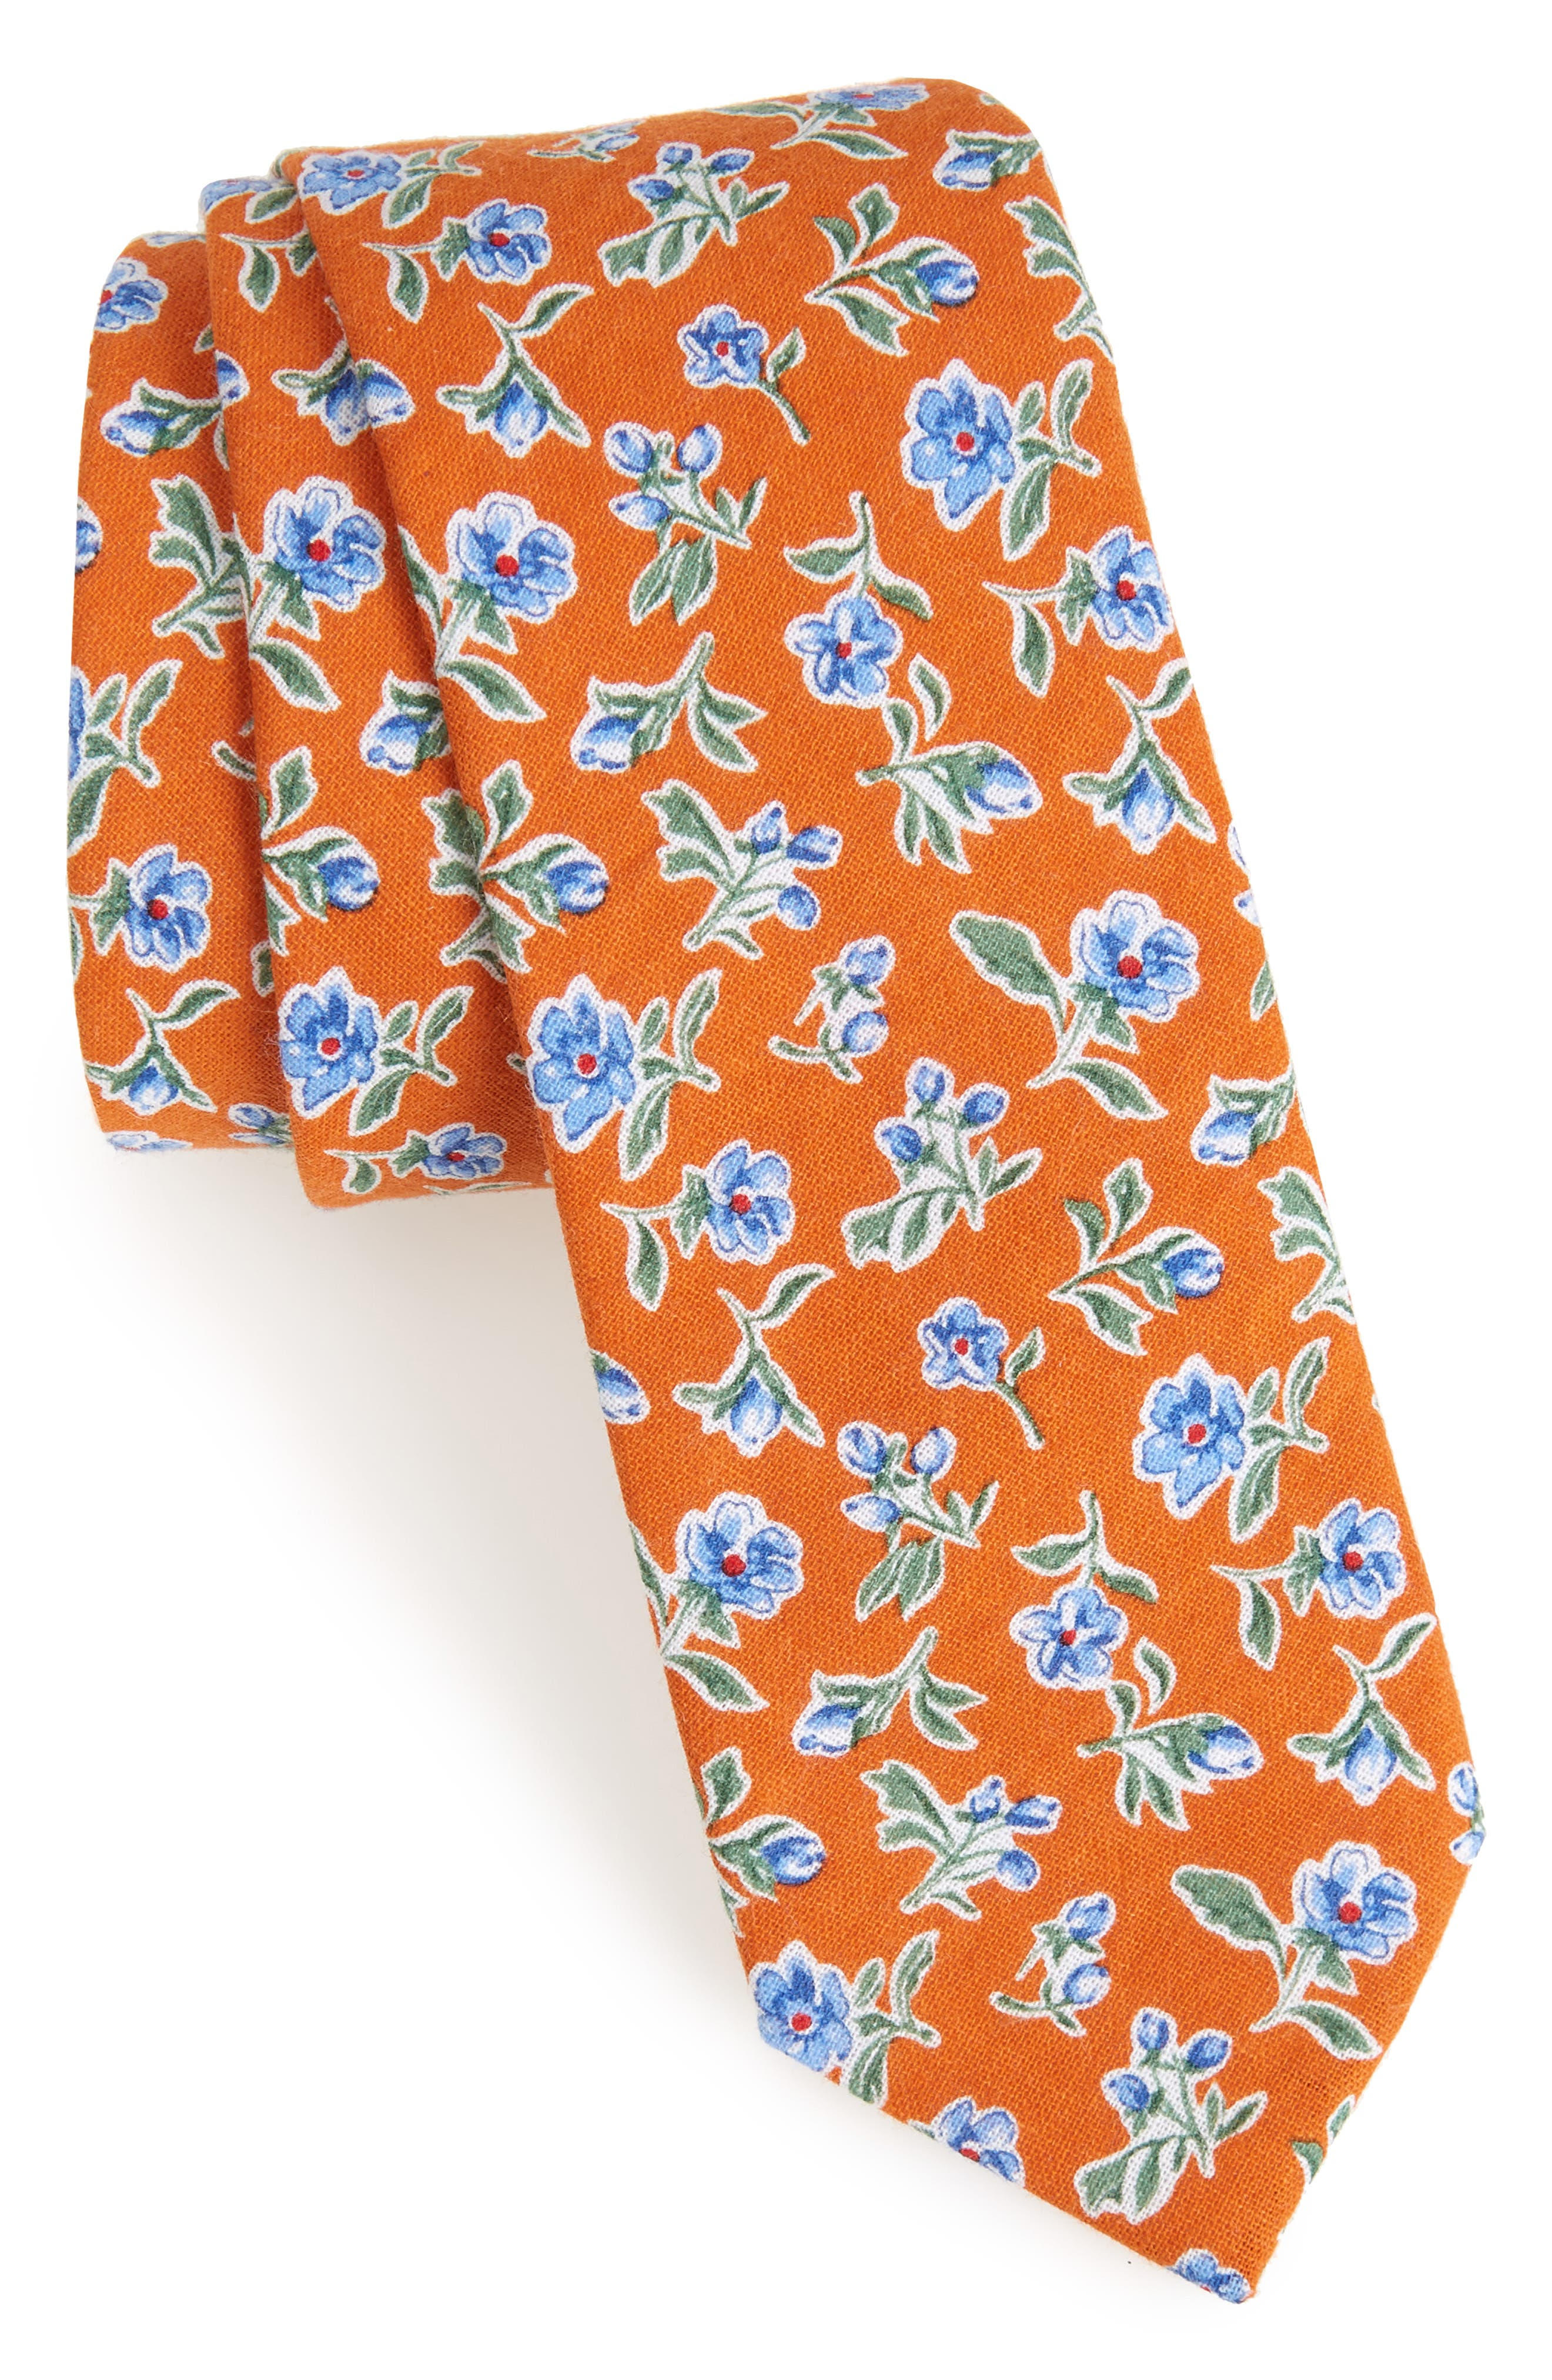 Alternate Image 1 Selected - Nordstrom Men's Shop Kendals Floral Cotton Skinny Tie